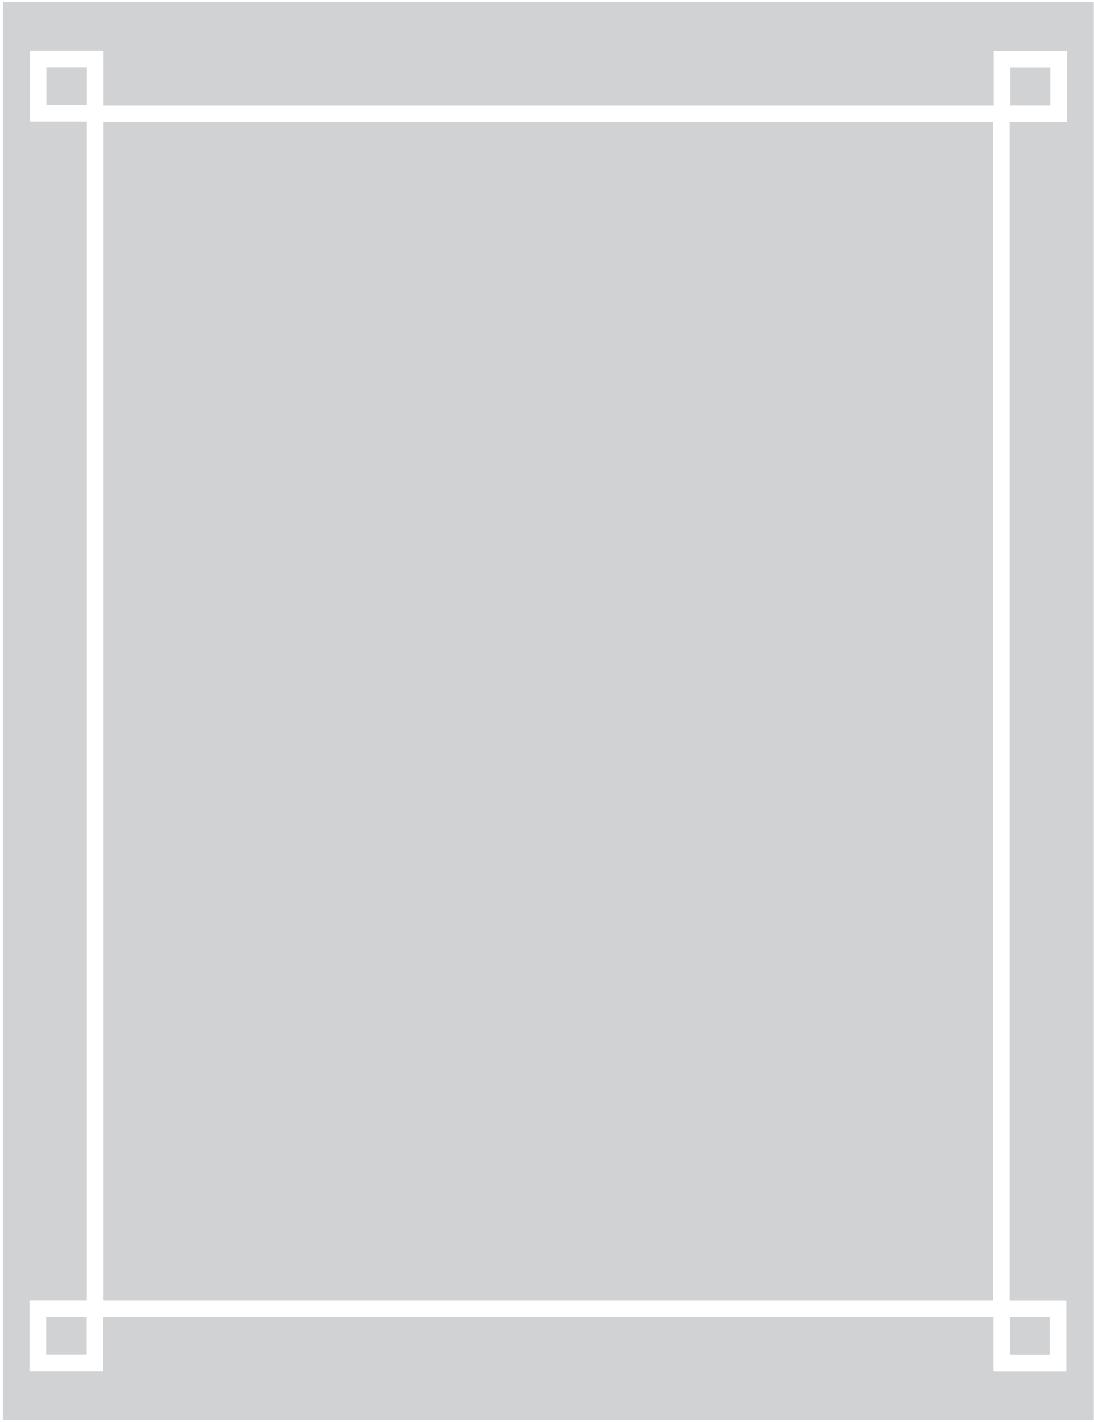 screen_shot_2017-12-19_at_4.18.47_pm.png